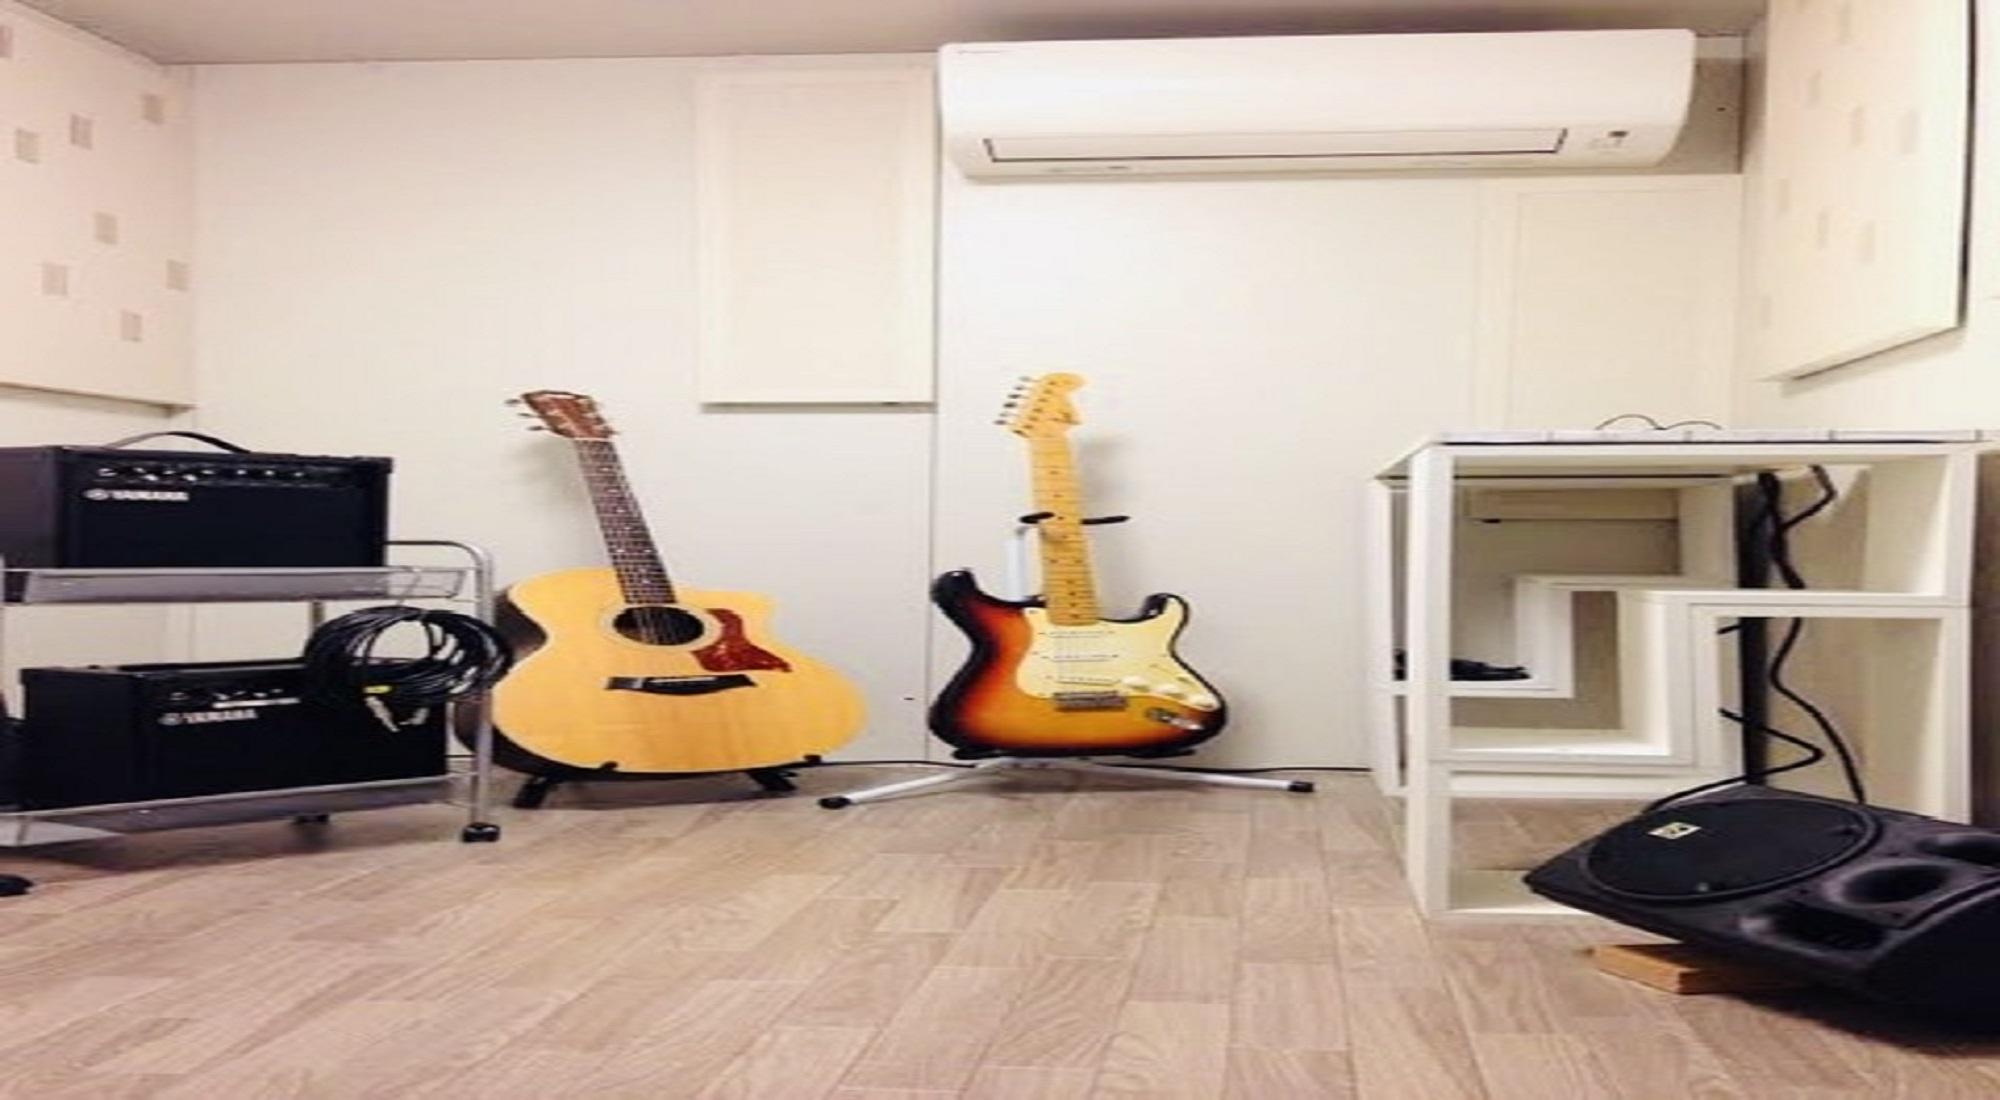 千葉市花見川区幕張本郷の音楽教室【ミュージックスクールジャズン】